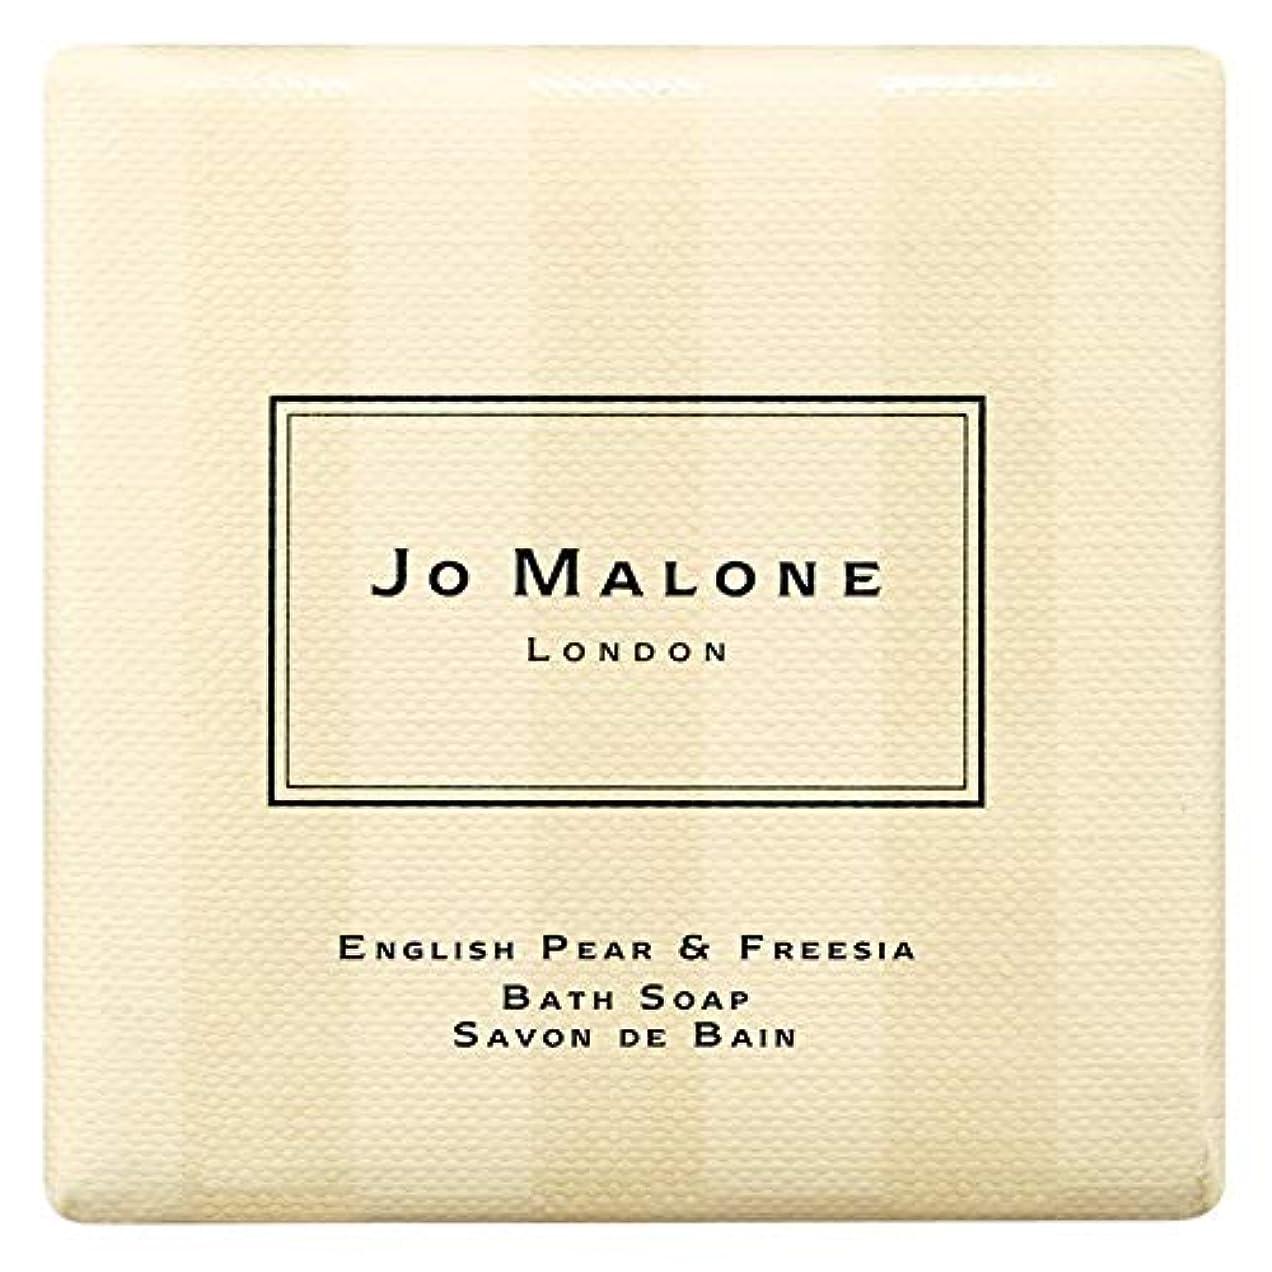 微弱保守可能カバー[Jo Malone] ジョーマローンロンドン英語梨&フリージア入浴石鹸100グラム - Jo Malone London English Pear & Freesia Bath Soap 100g [並行輸入品]